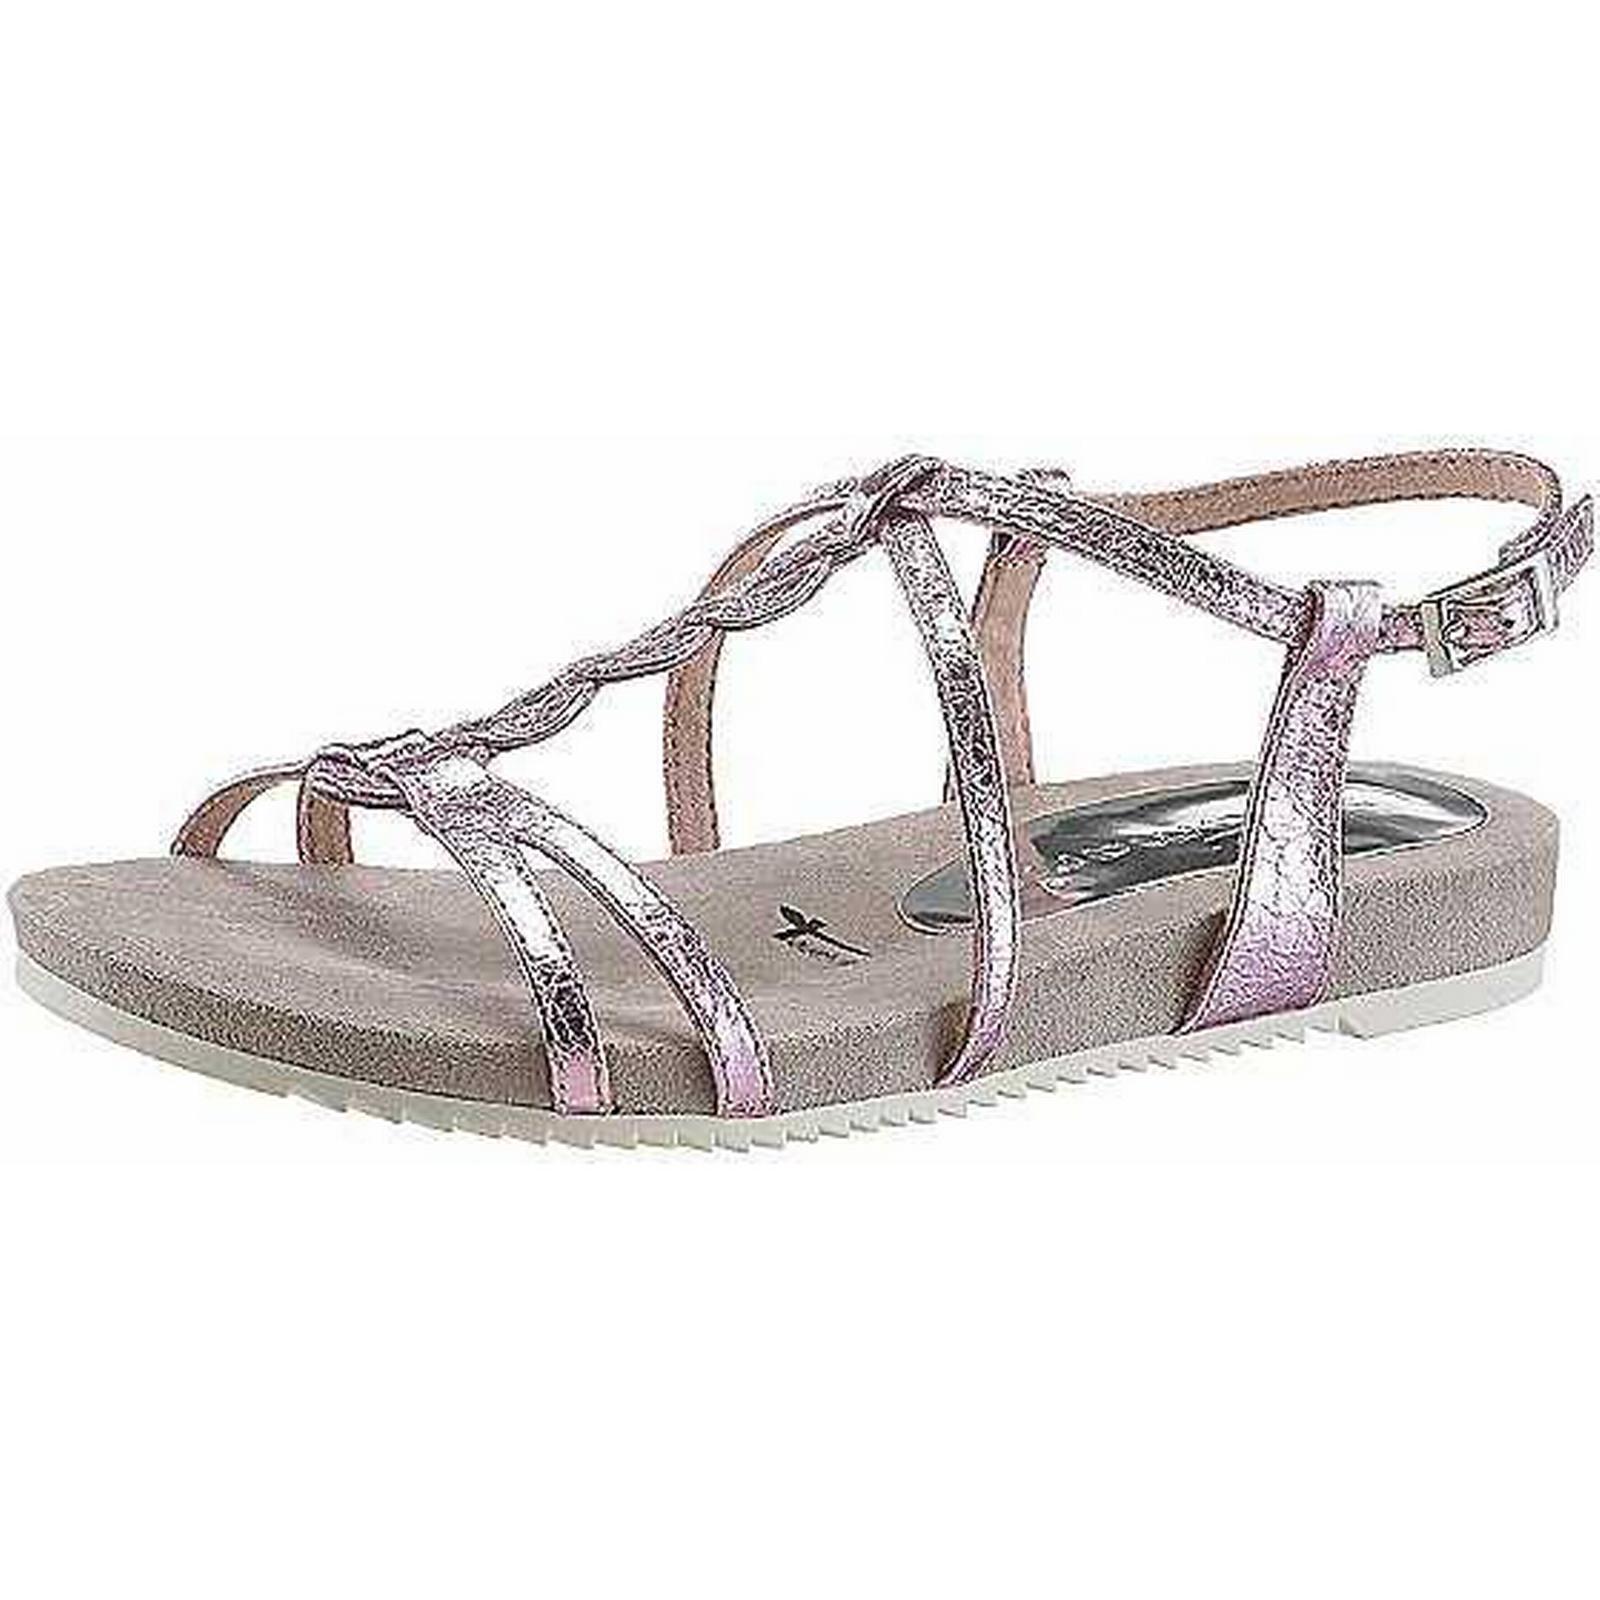 sandales métalliques à lanières par air tamaris métalliques sandales hommes / femmes tamaris:: entretien 707080